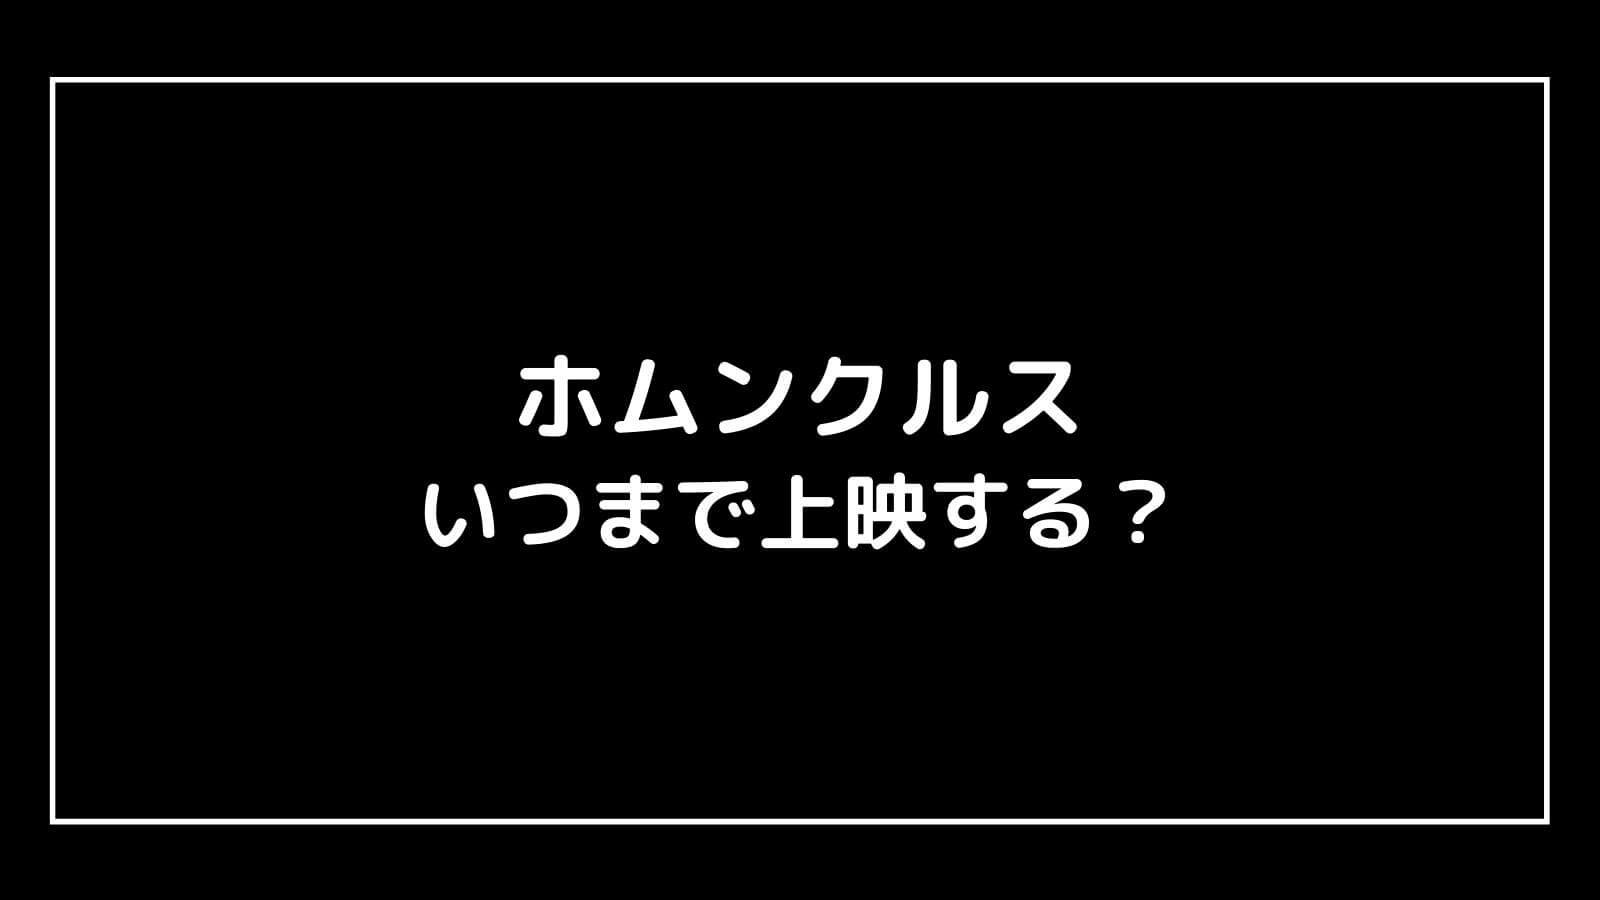 映画『ホムンクルス』はいつまで上映する?元映画館社員が上映期間を予想